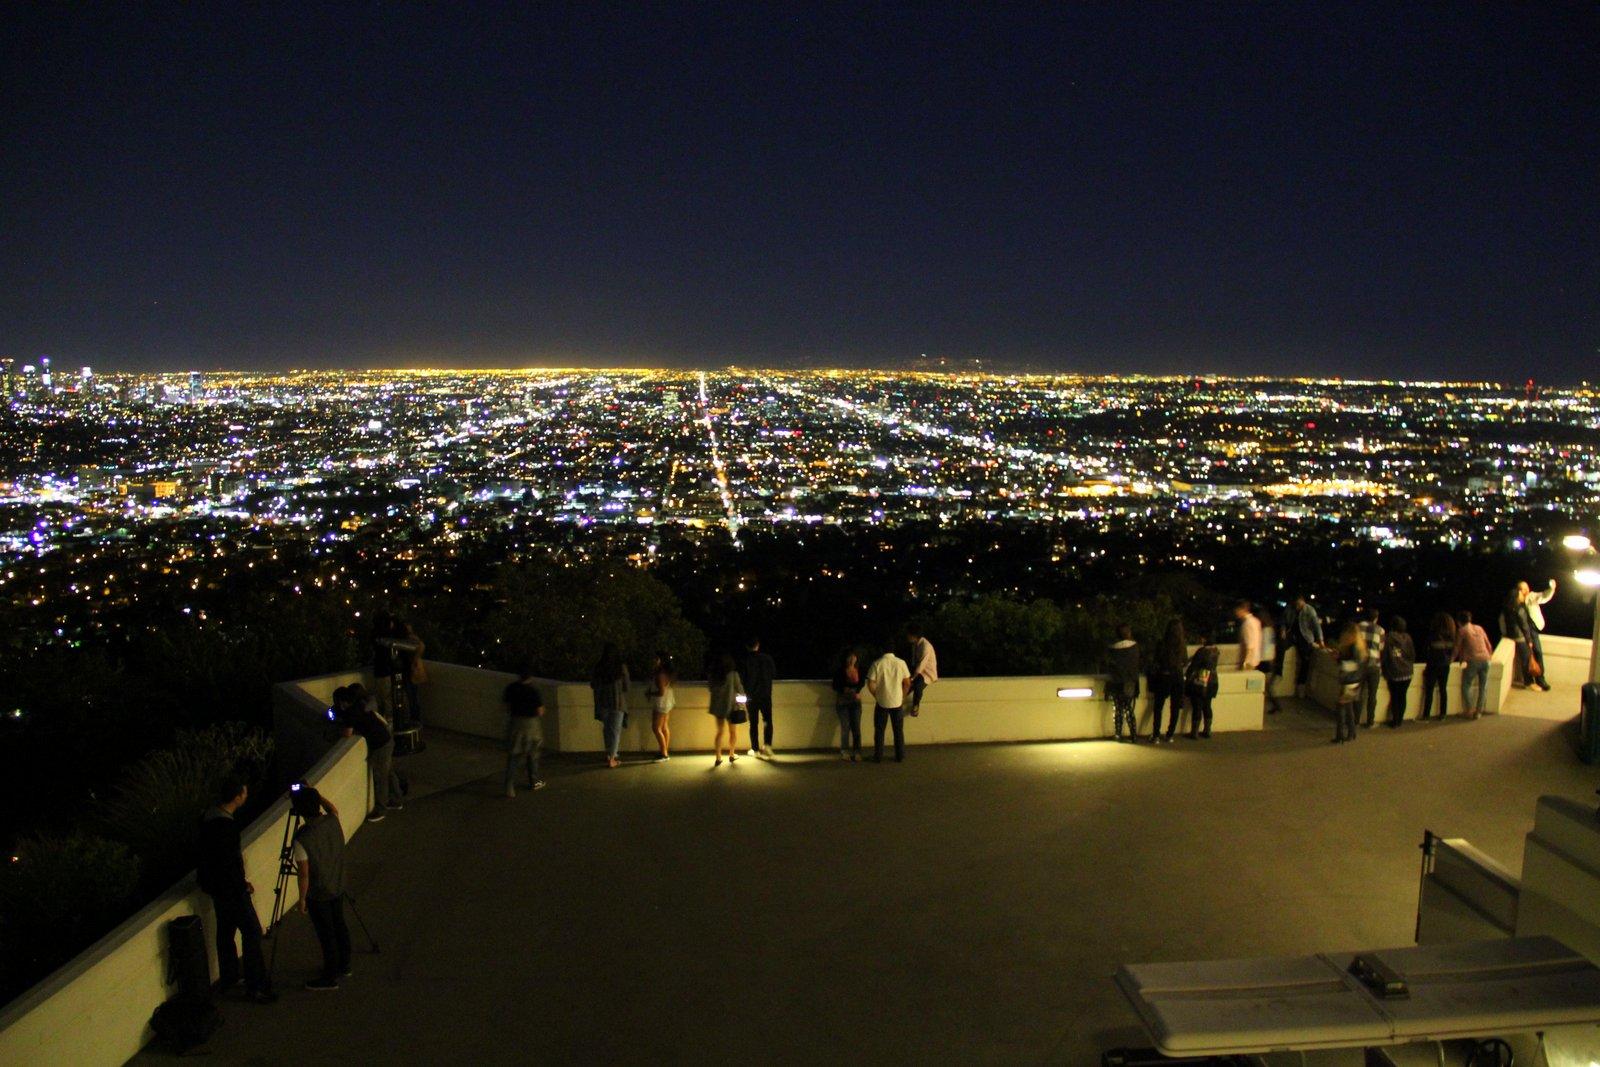 Los_Angeles_LA_California_photo_2683